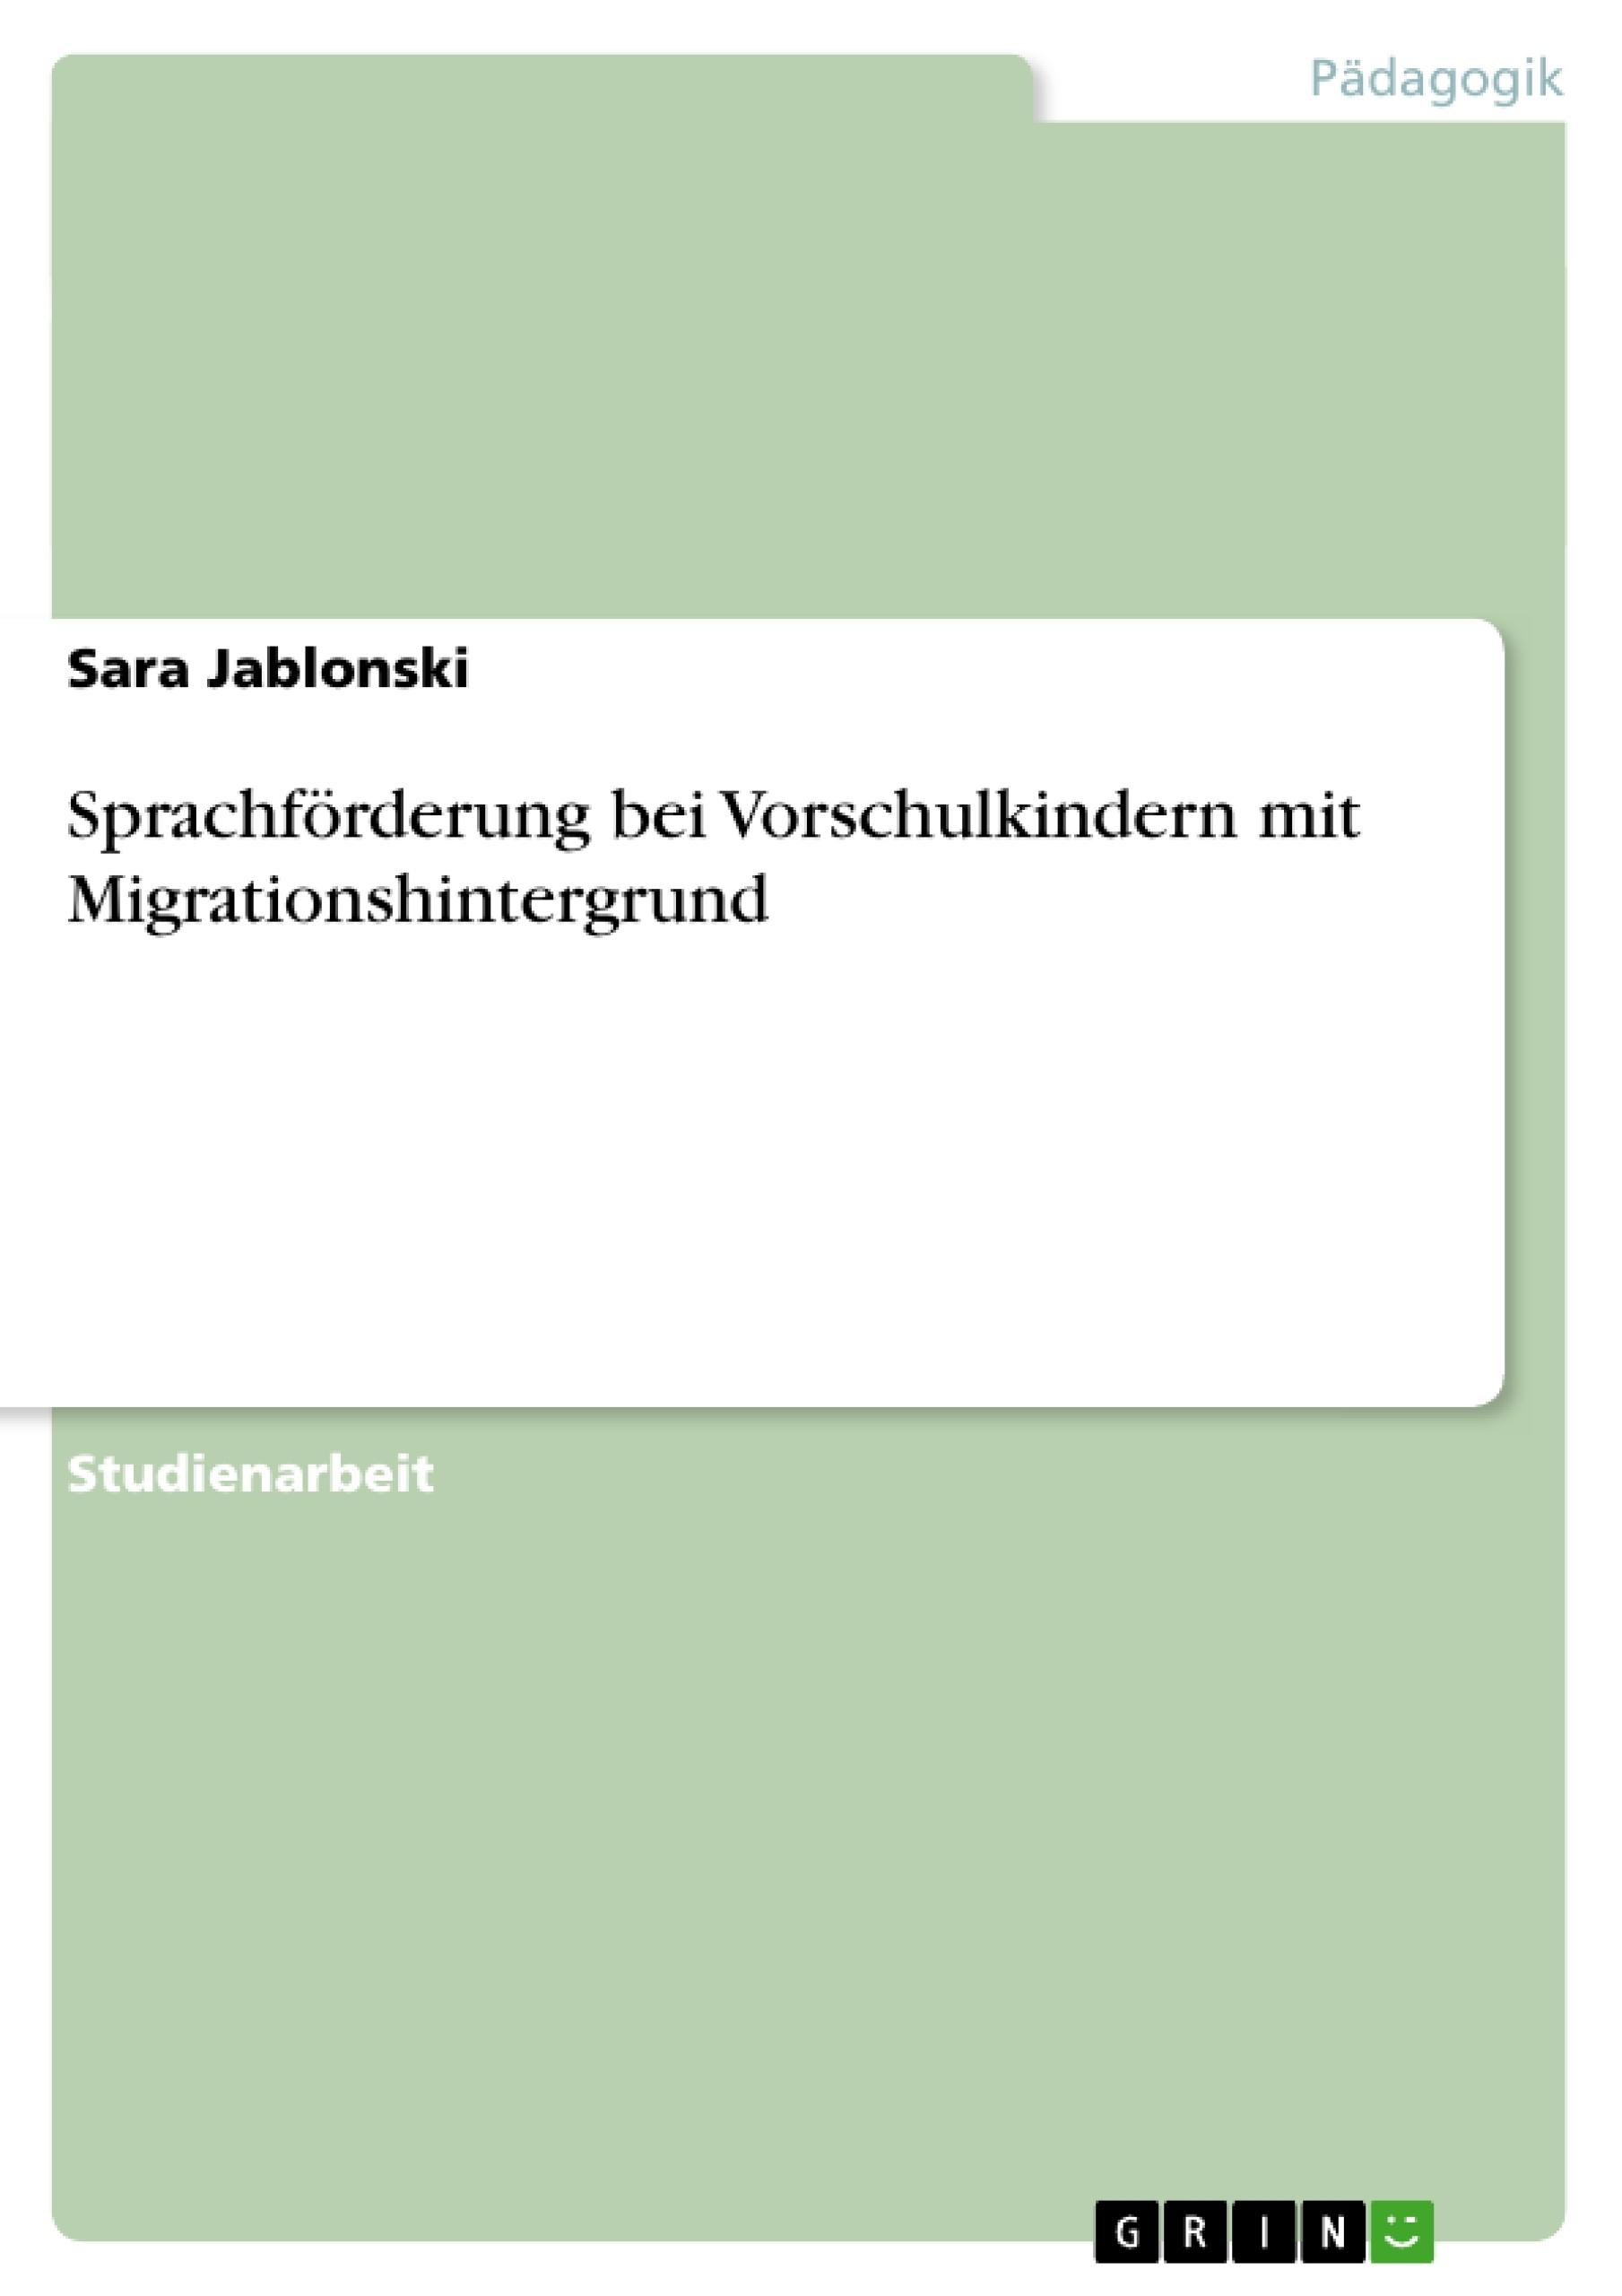 Titel: Sprachförderung bei Vorschulkindern mit Migrationshintergrund